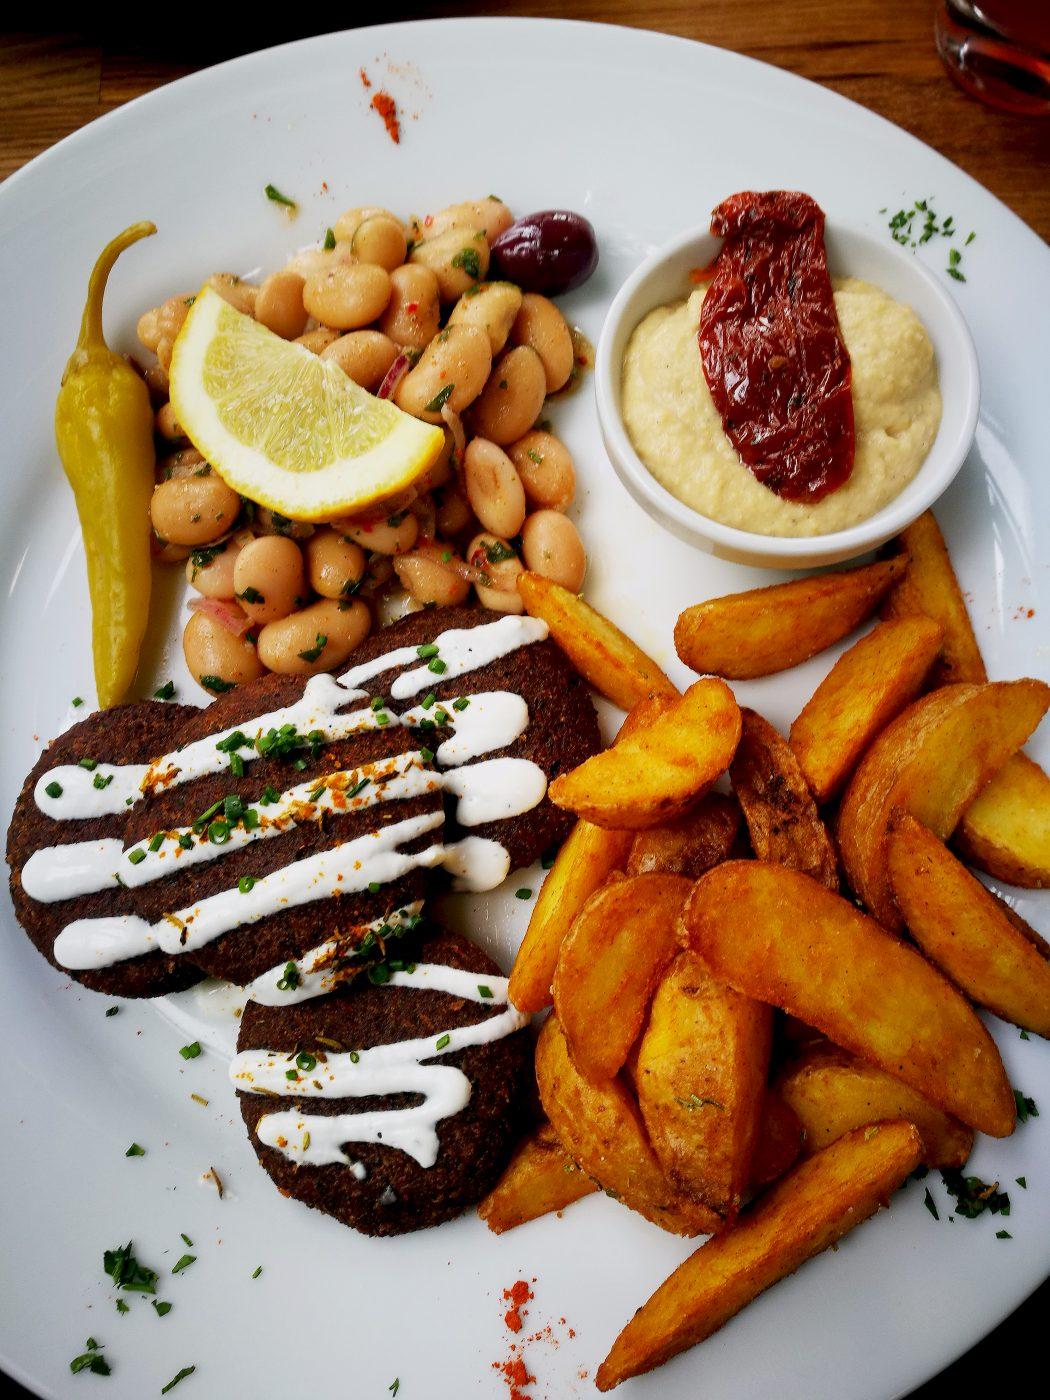 Das Bild zeigt einen Falafel-Teller